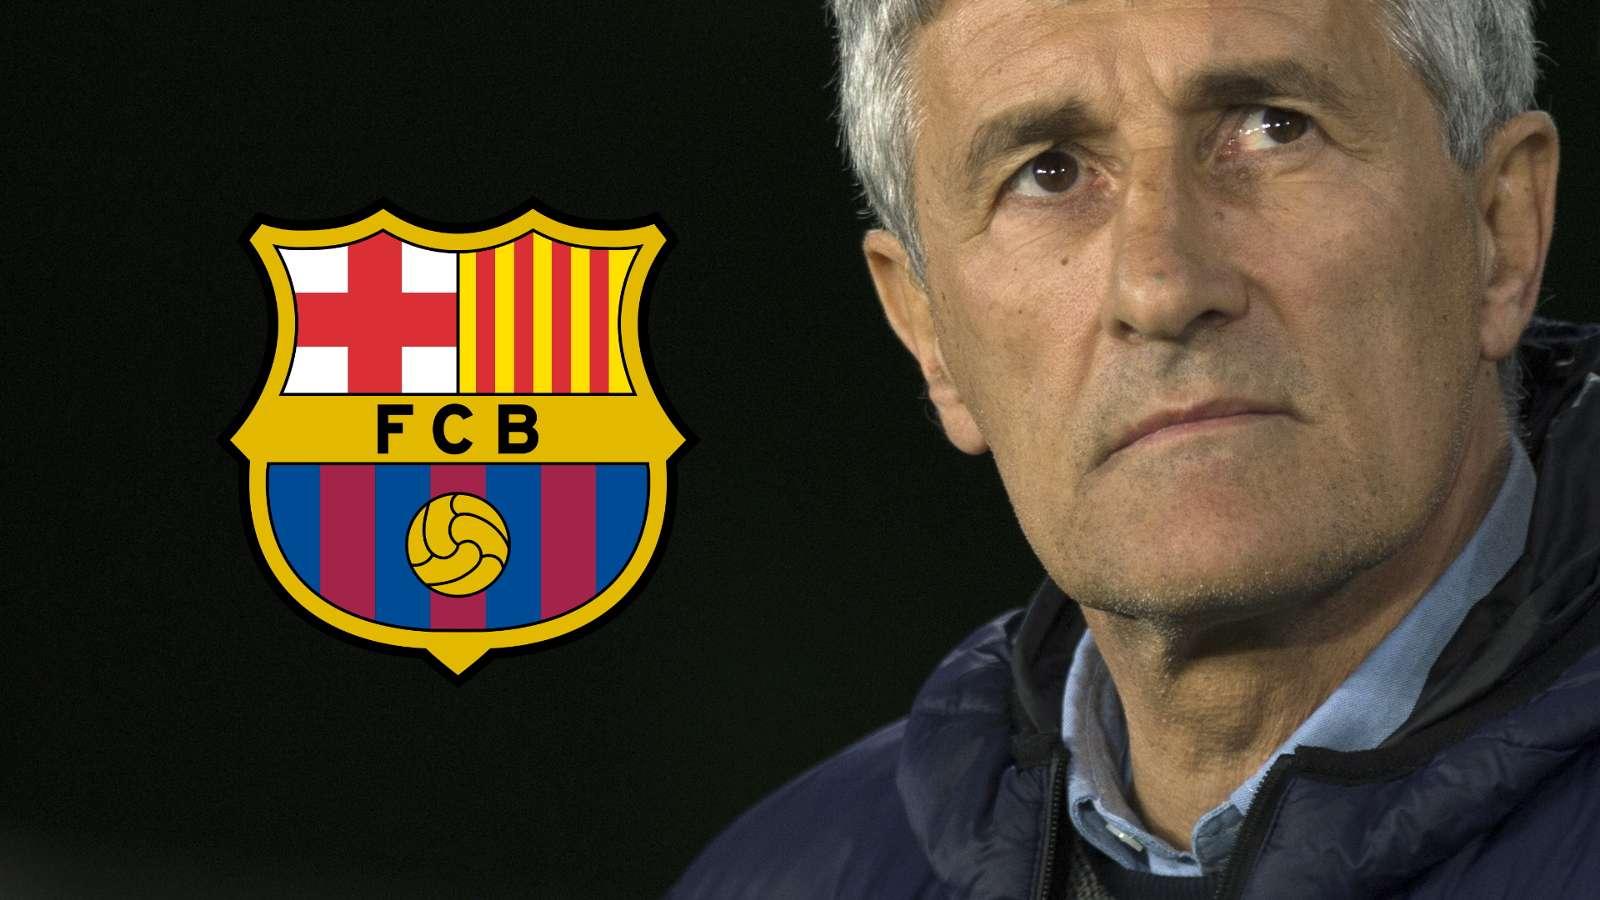 巴塞罗那宣布解雇巴尔韦德   由赛迪恩接替主帅之位